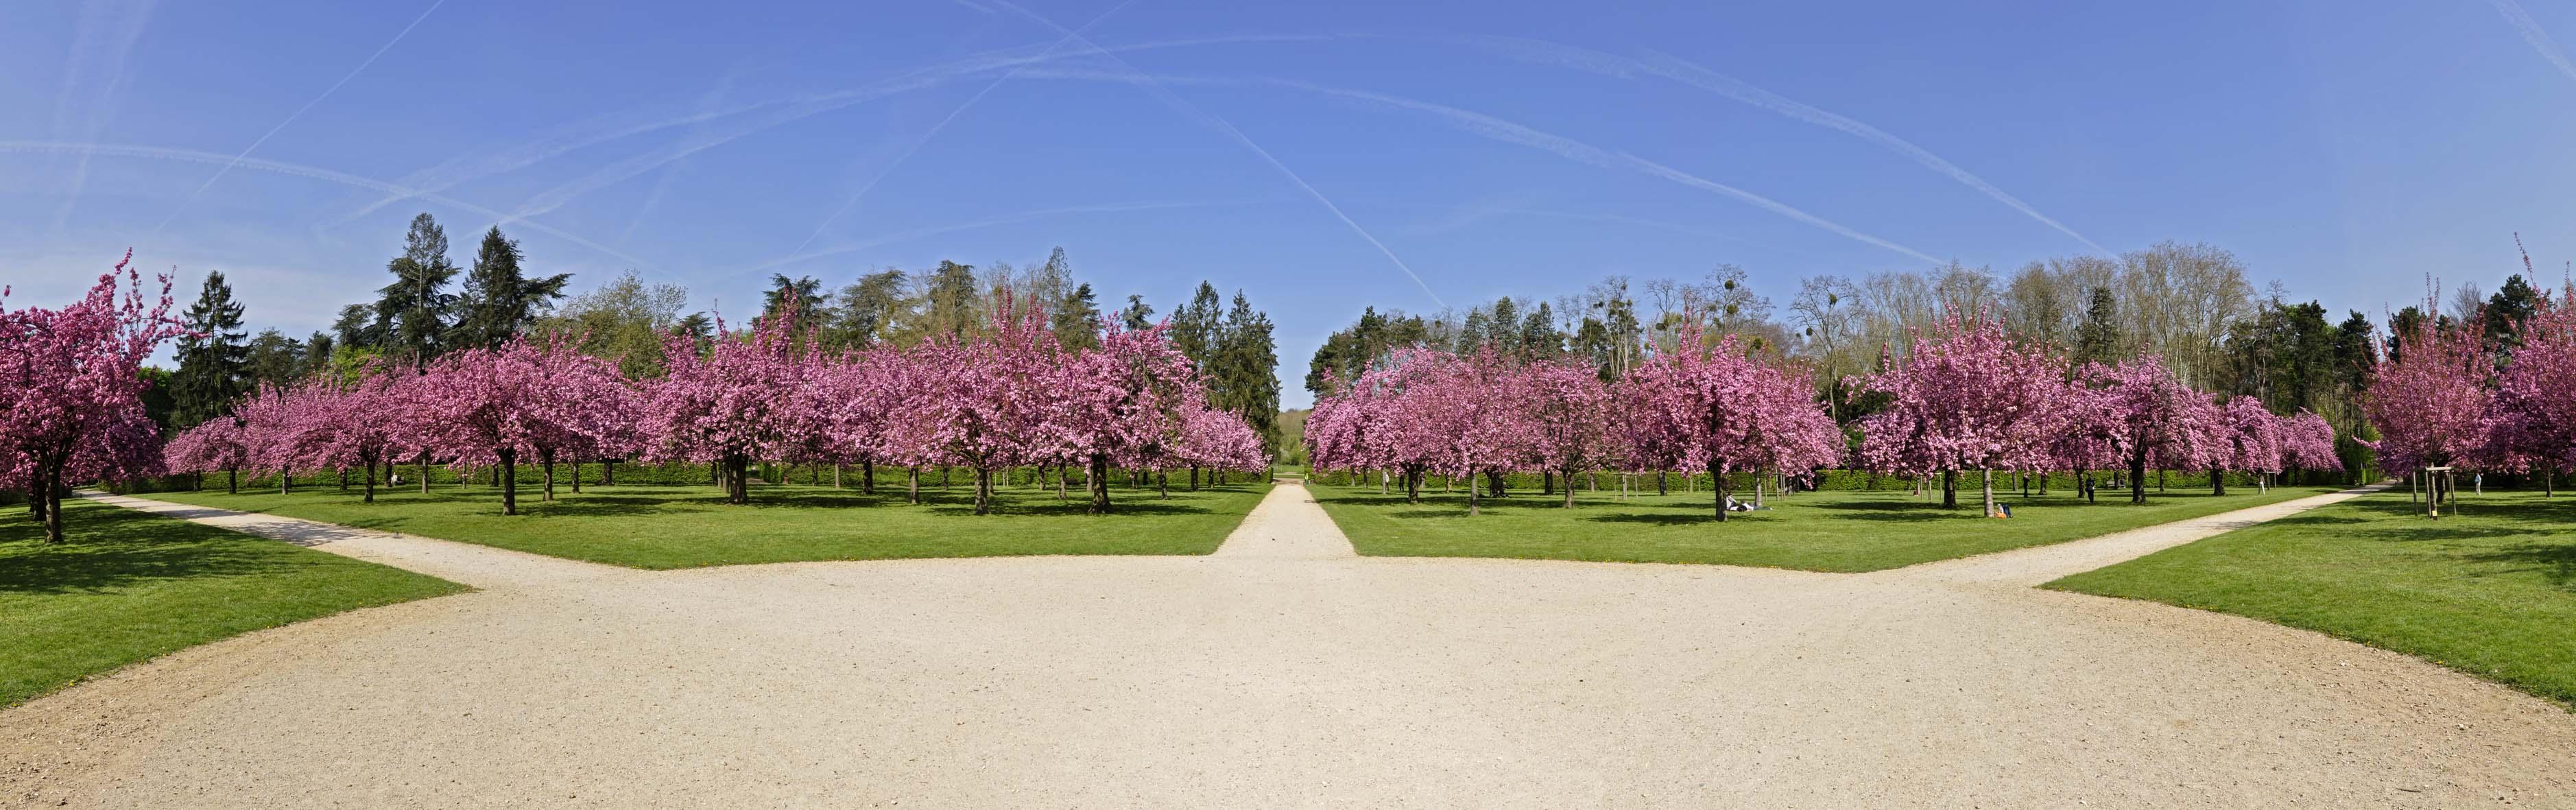 Parc de sceaux panorama des cerisiers en fleurs comment vous dire pascal berger - Parc de sceaux cerisiers en fleurs 2017 ...